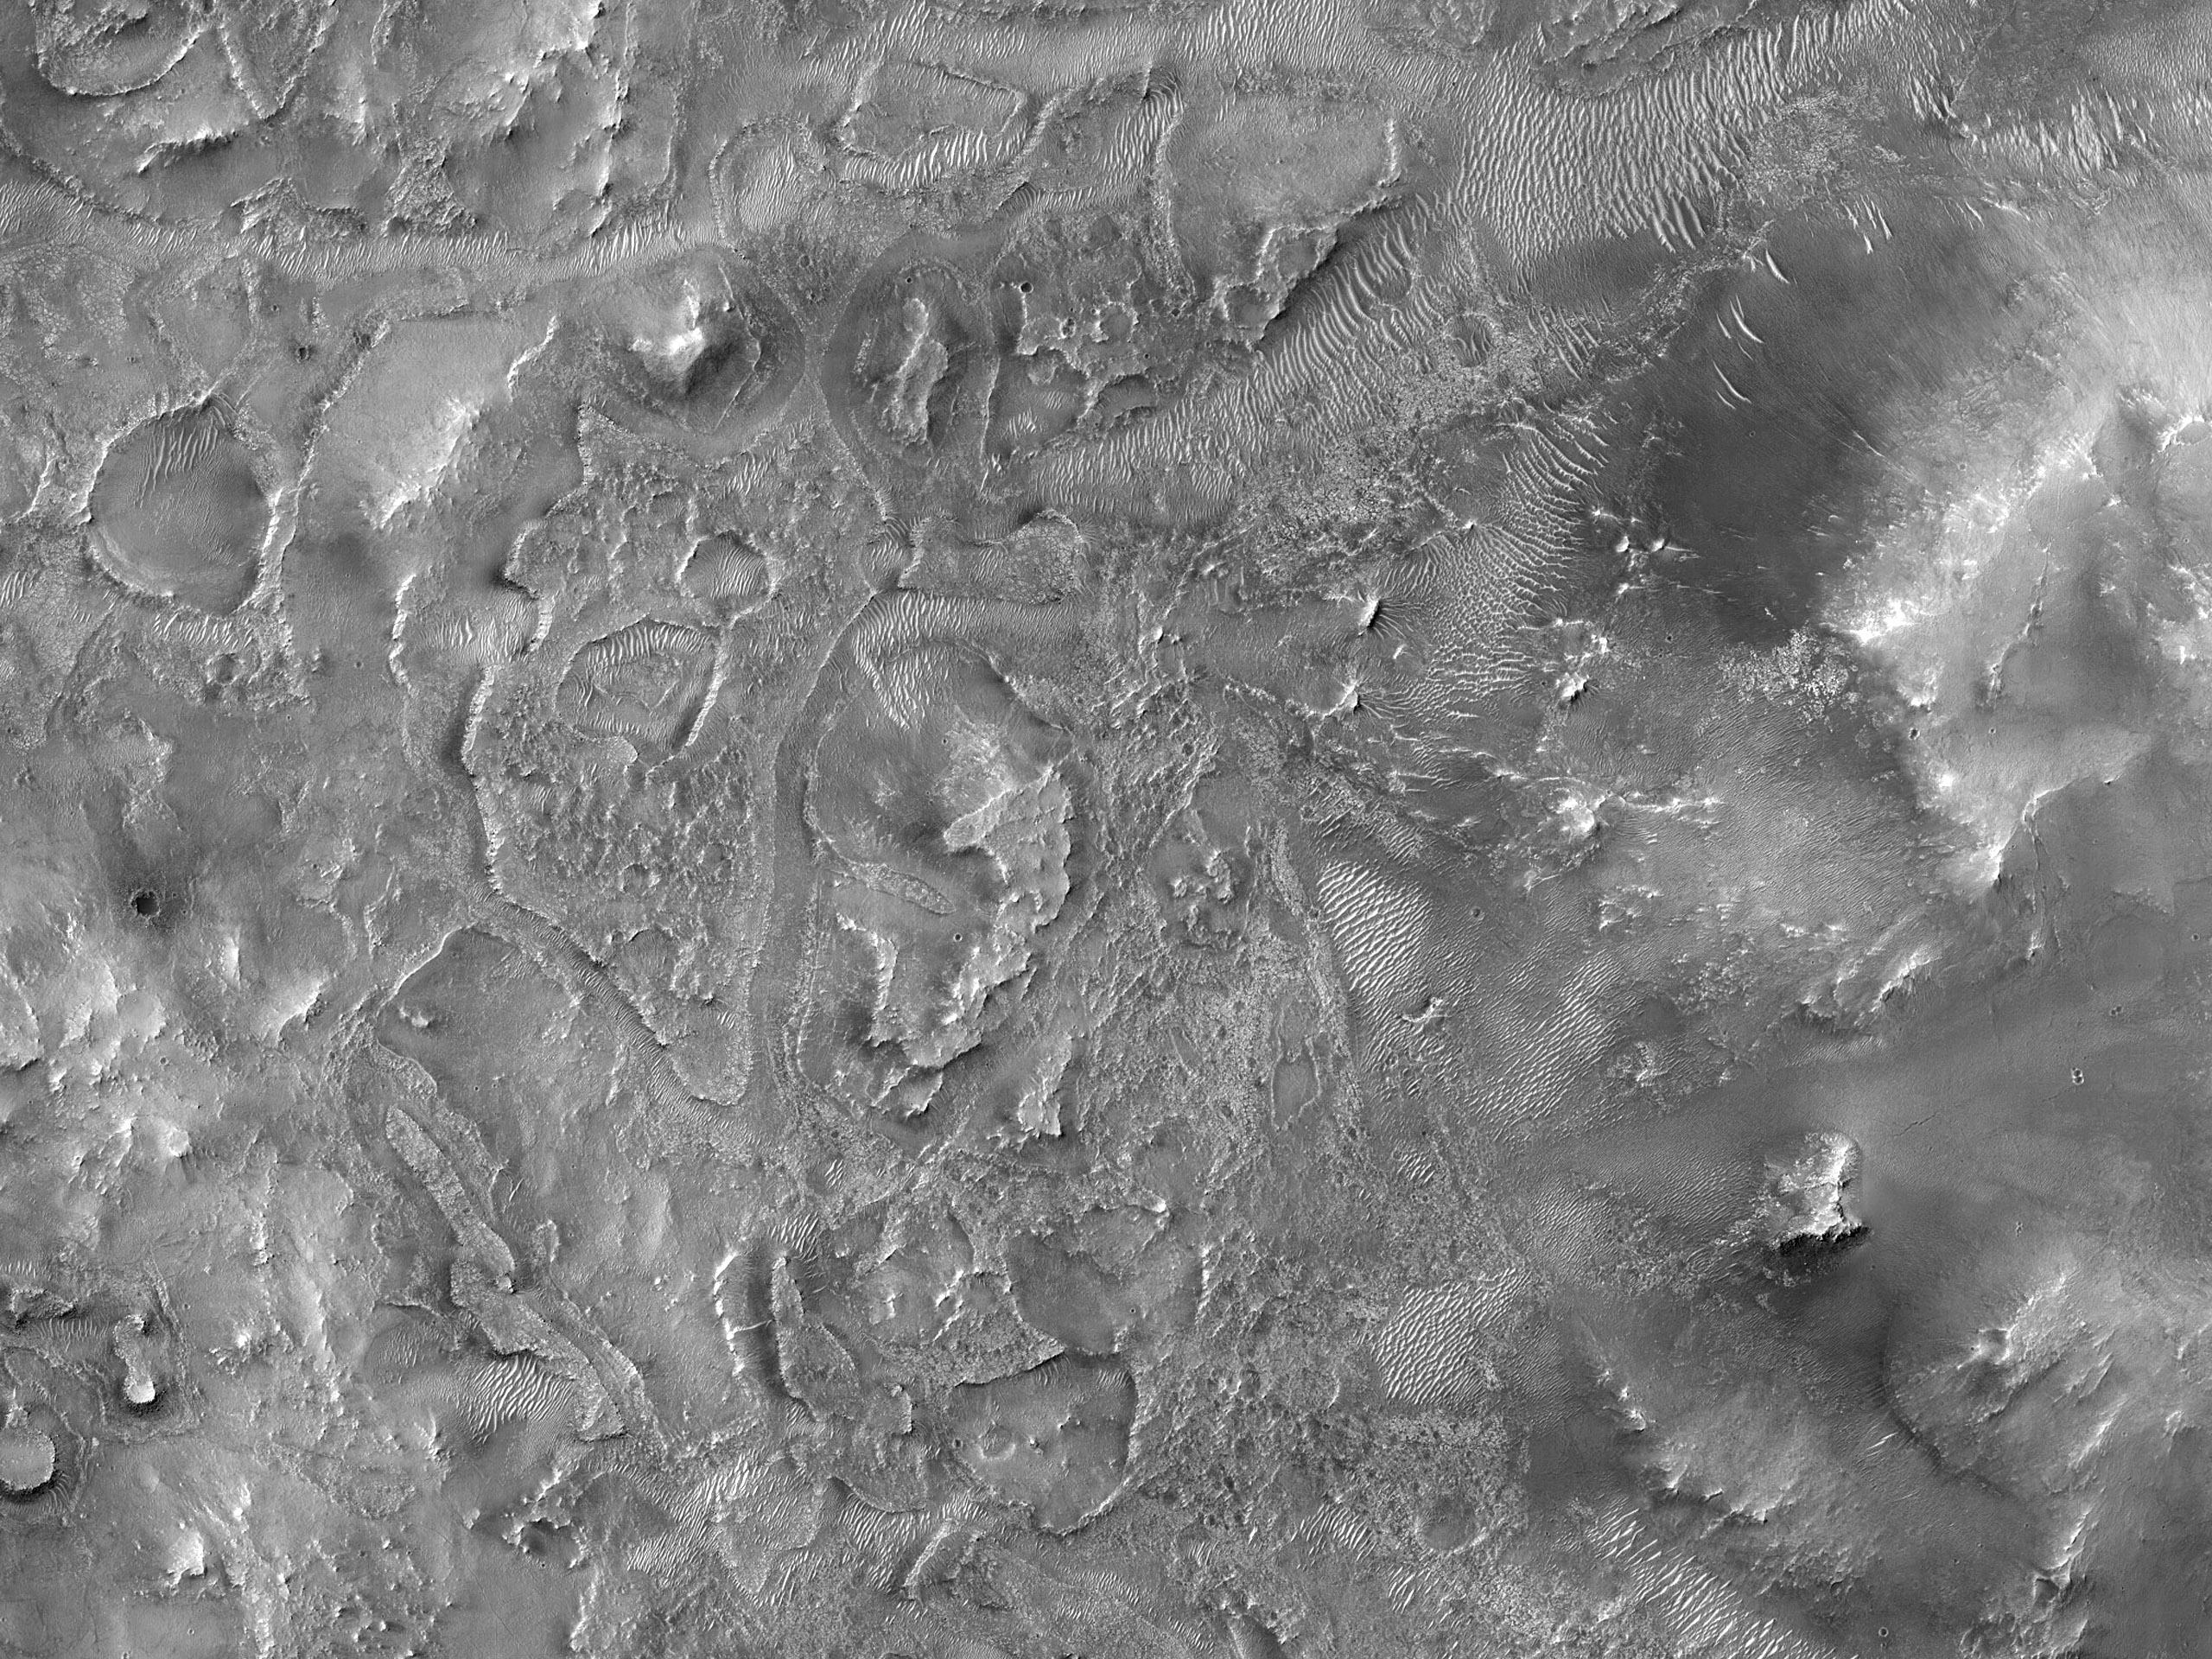 אזור למחקר אפשרי למשימה Mars 2020 ליד מכתש יזרו (Jezero)